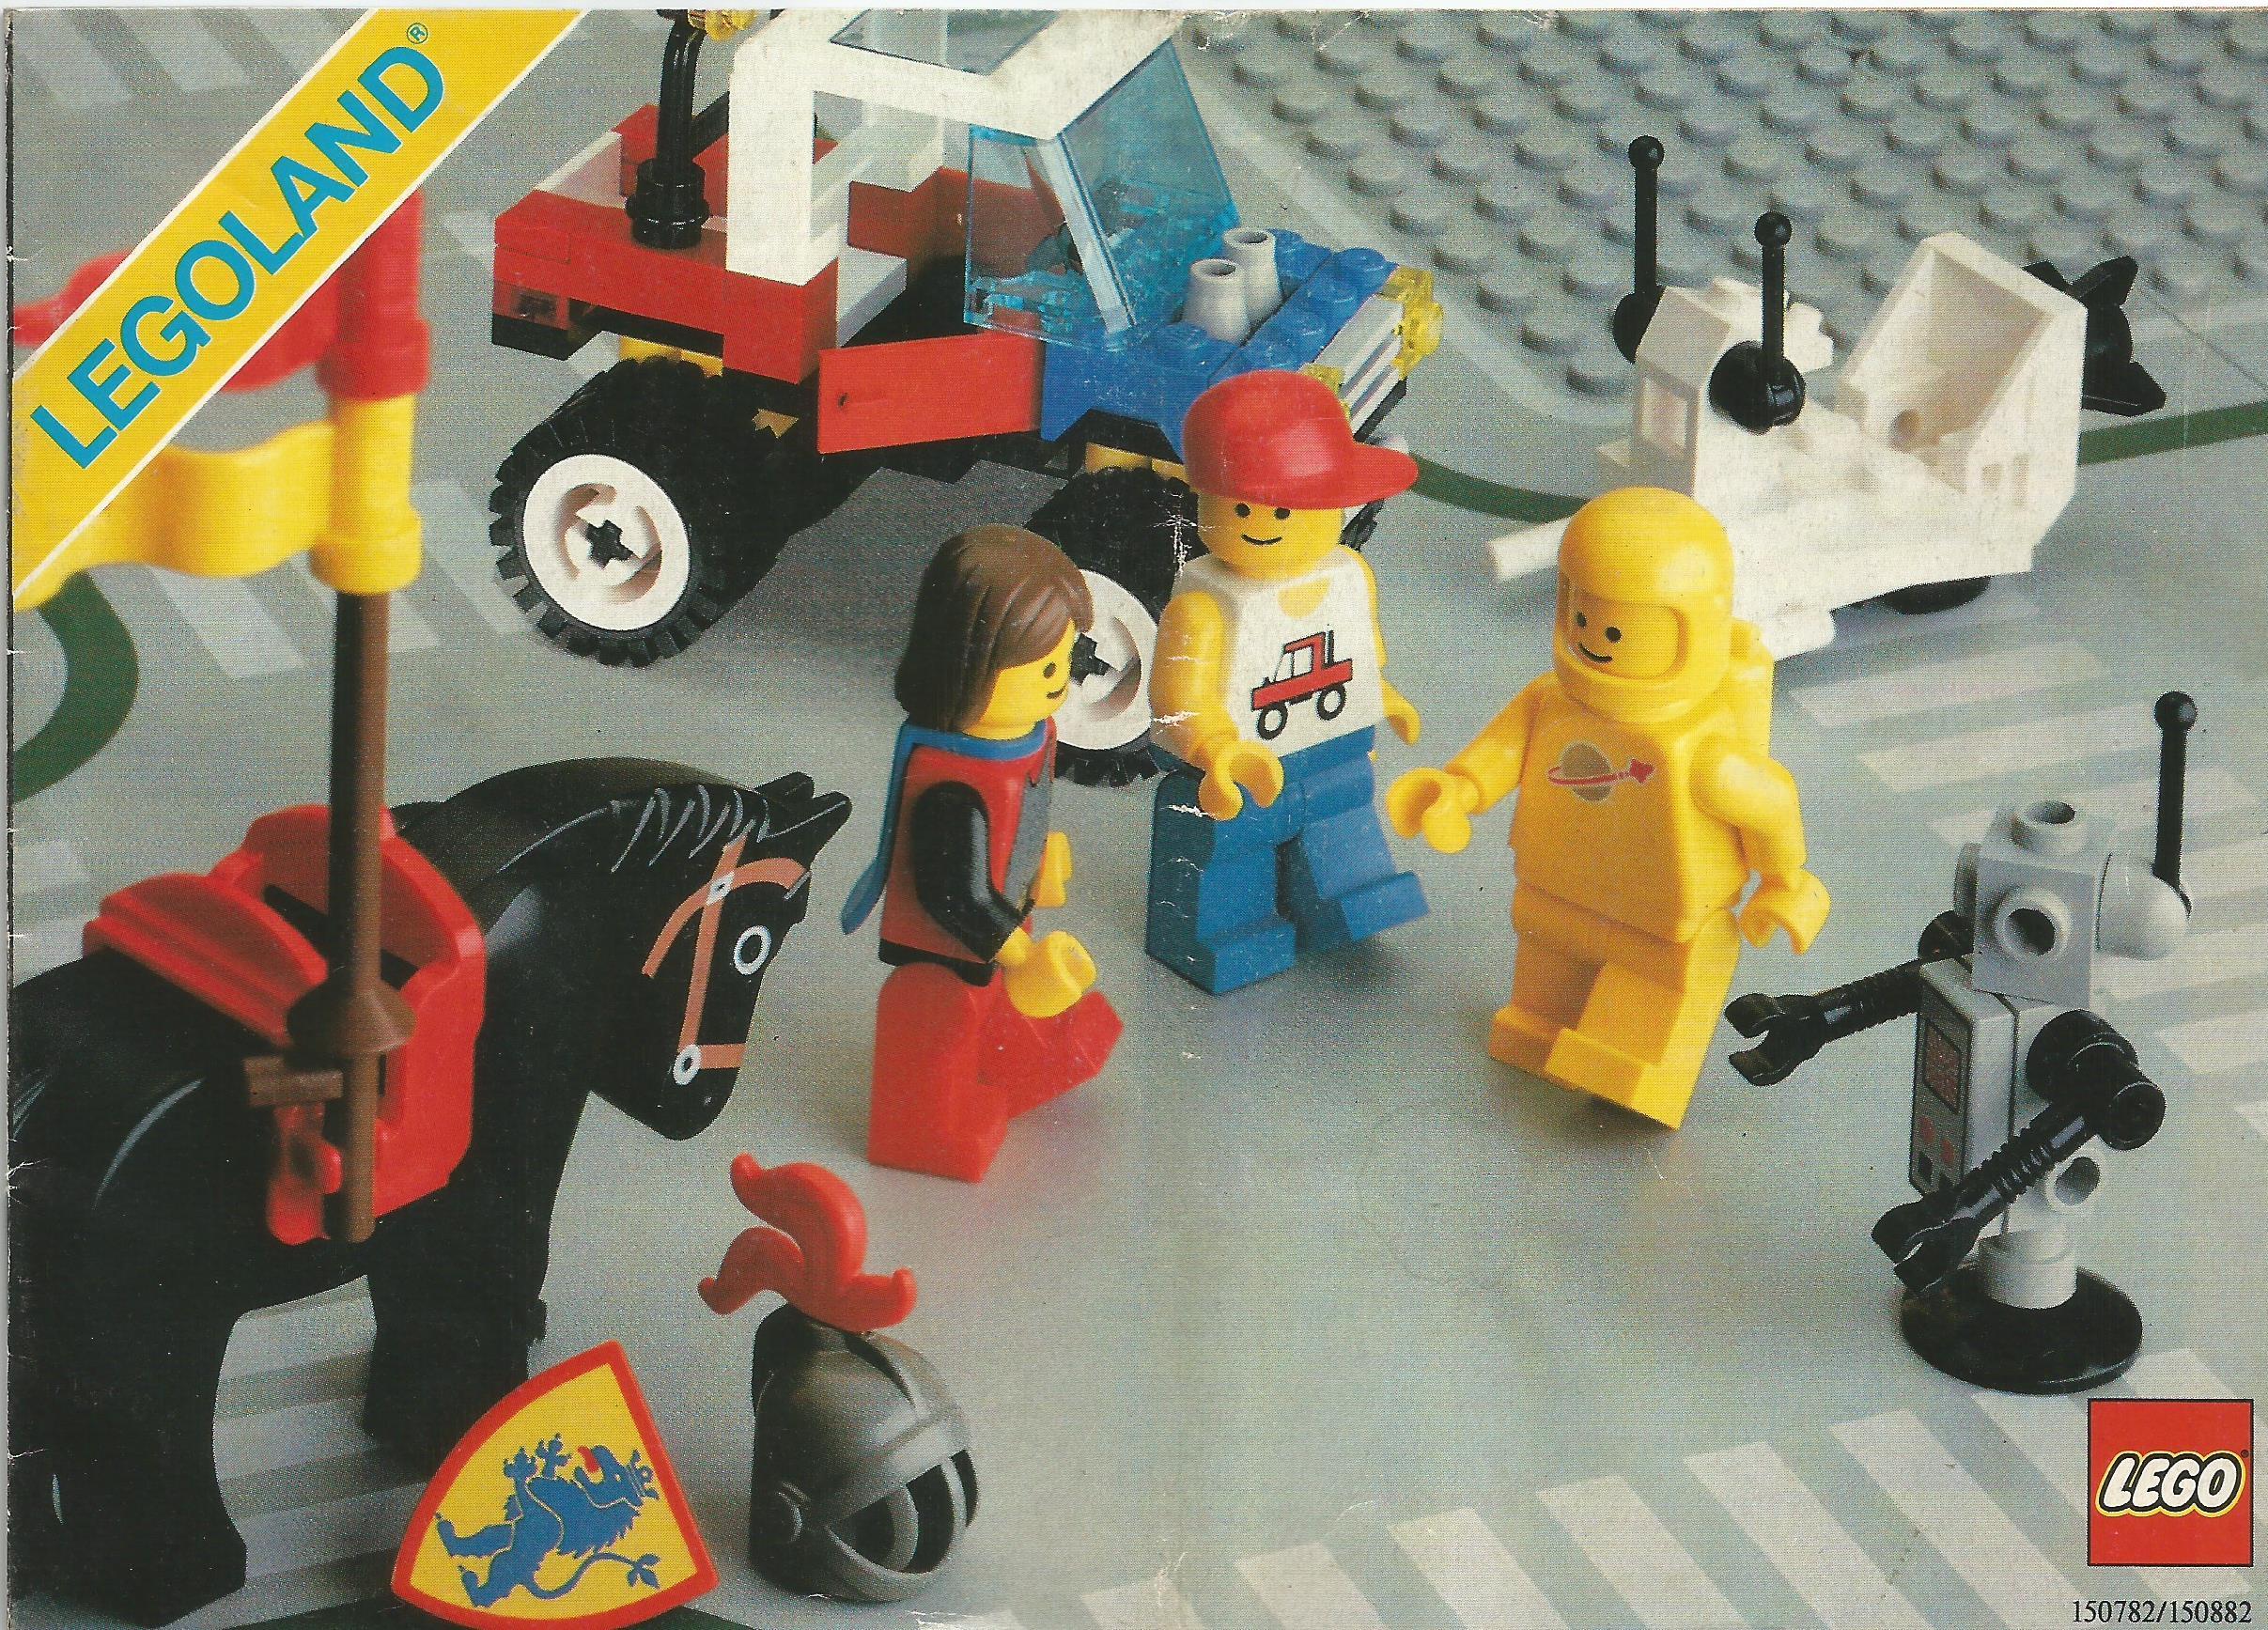 1987-es európai Lego katalógus